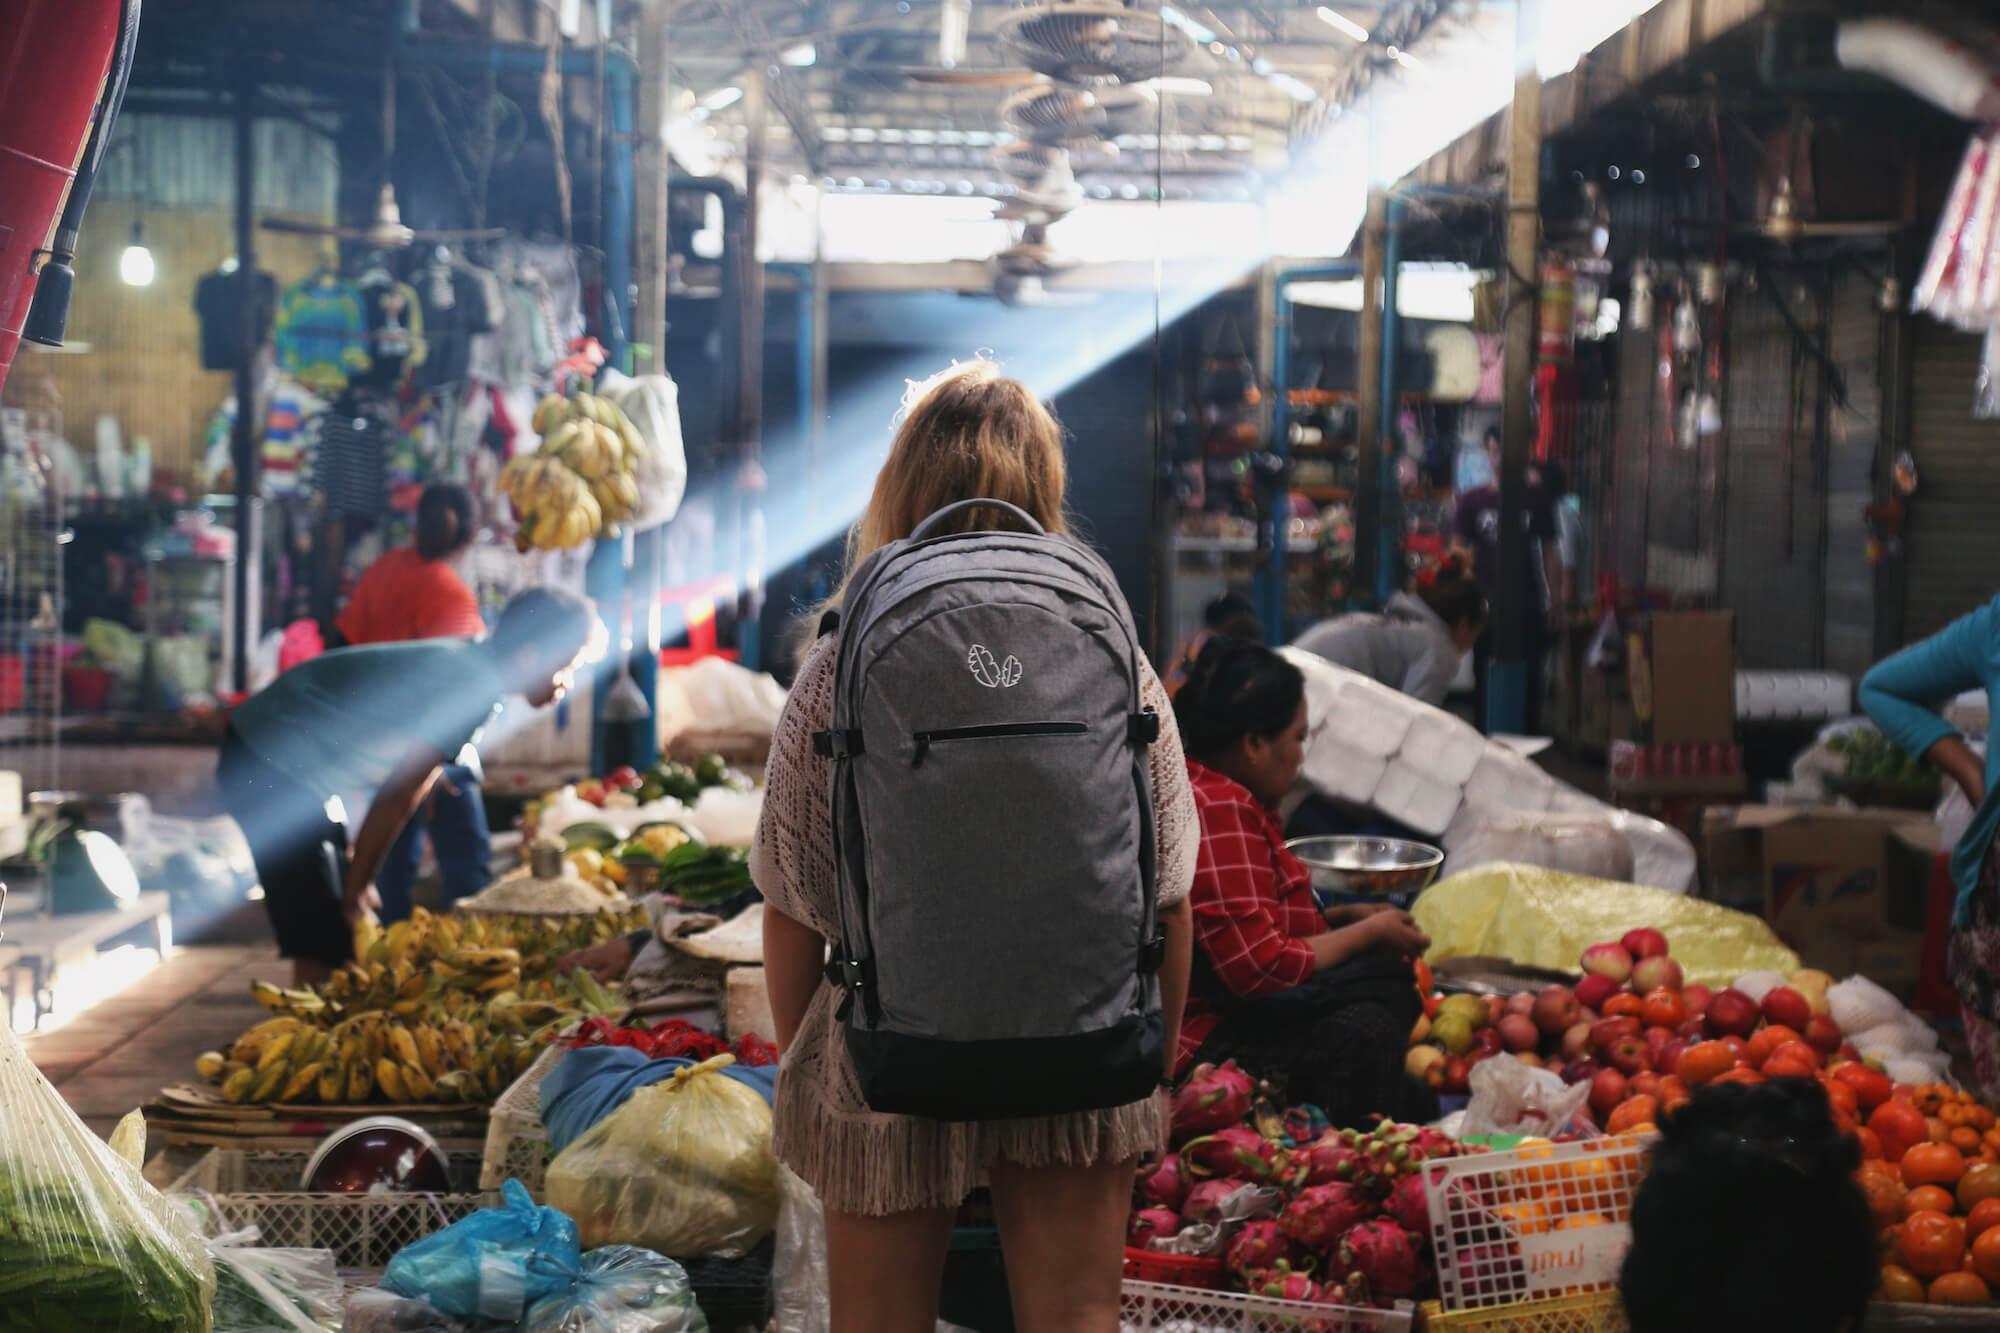 Markets Cambodia Itinerary